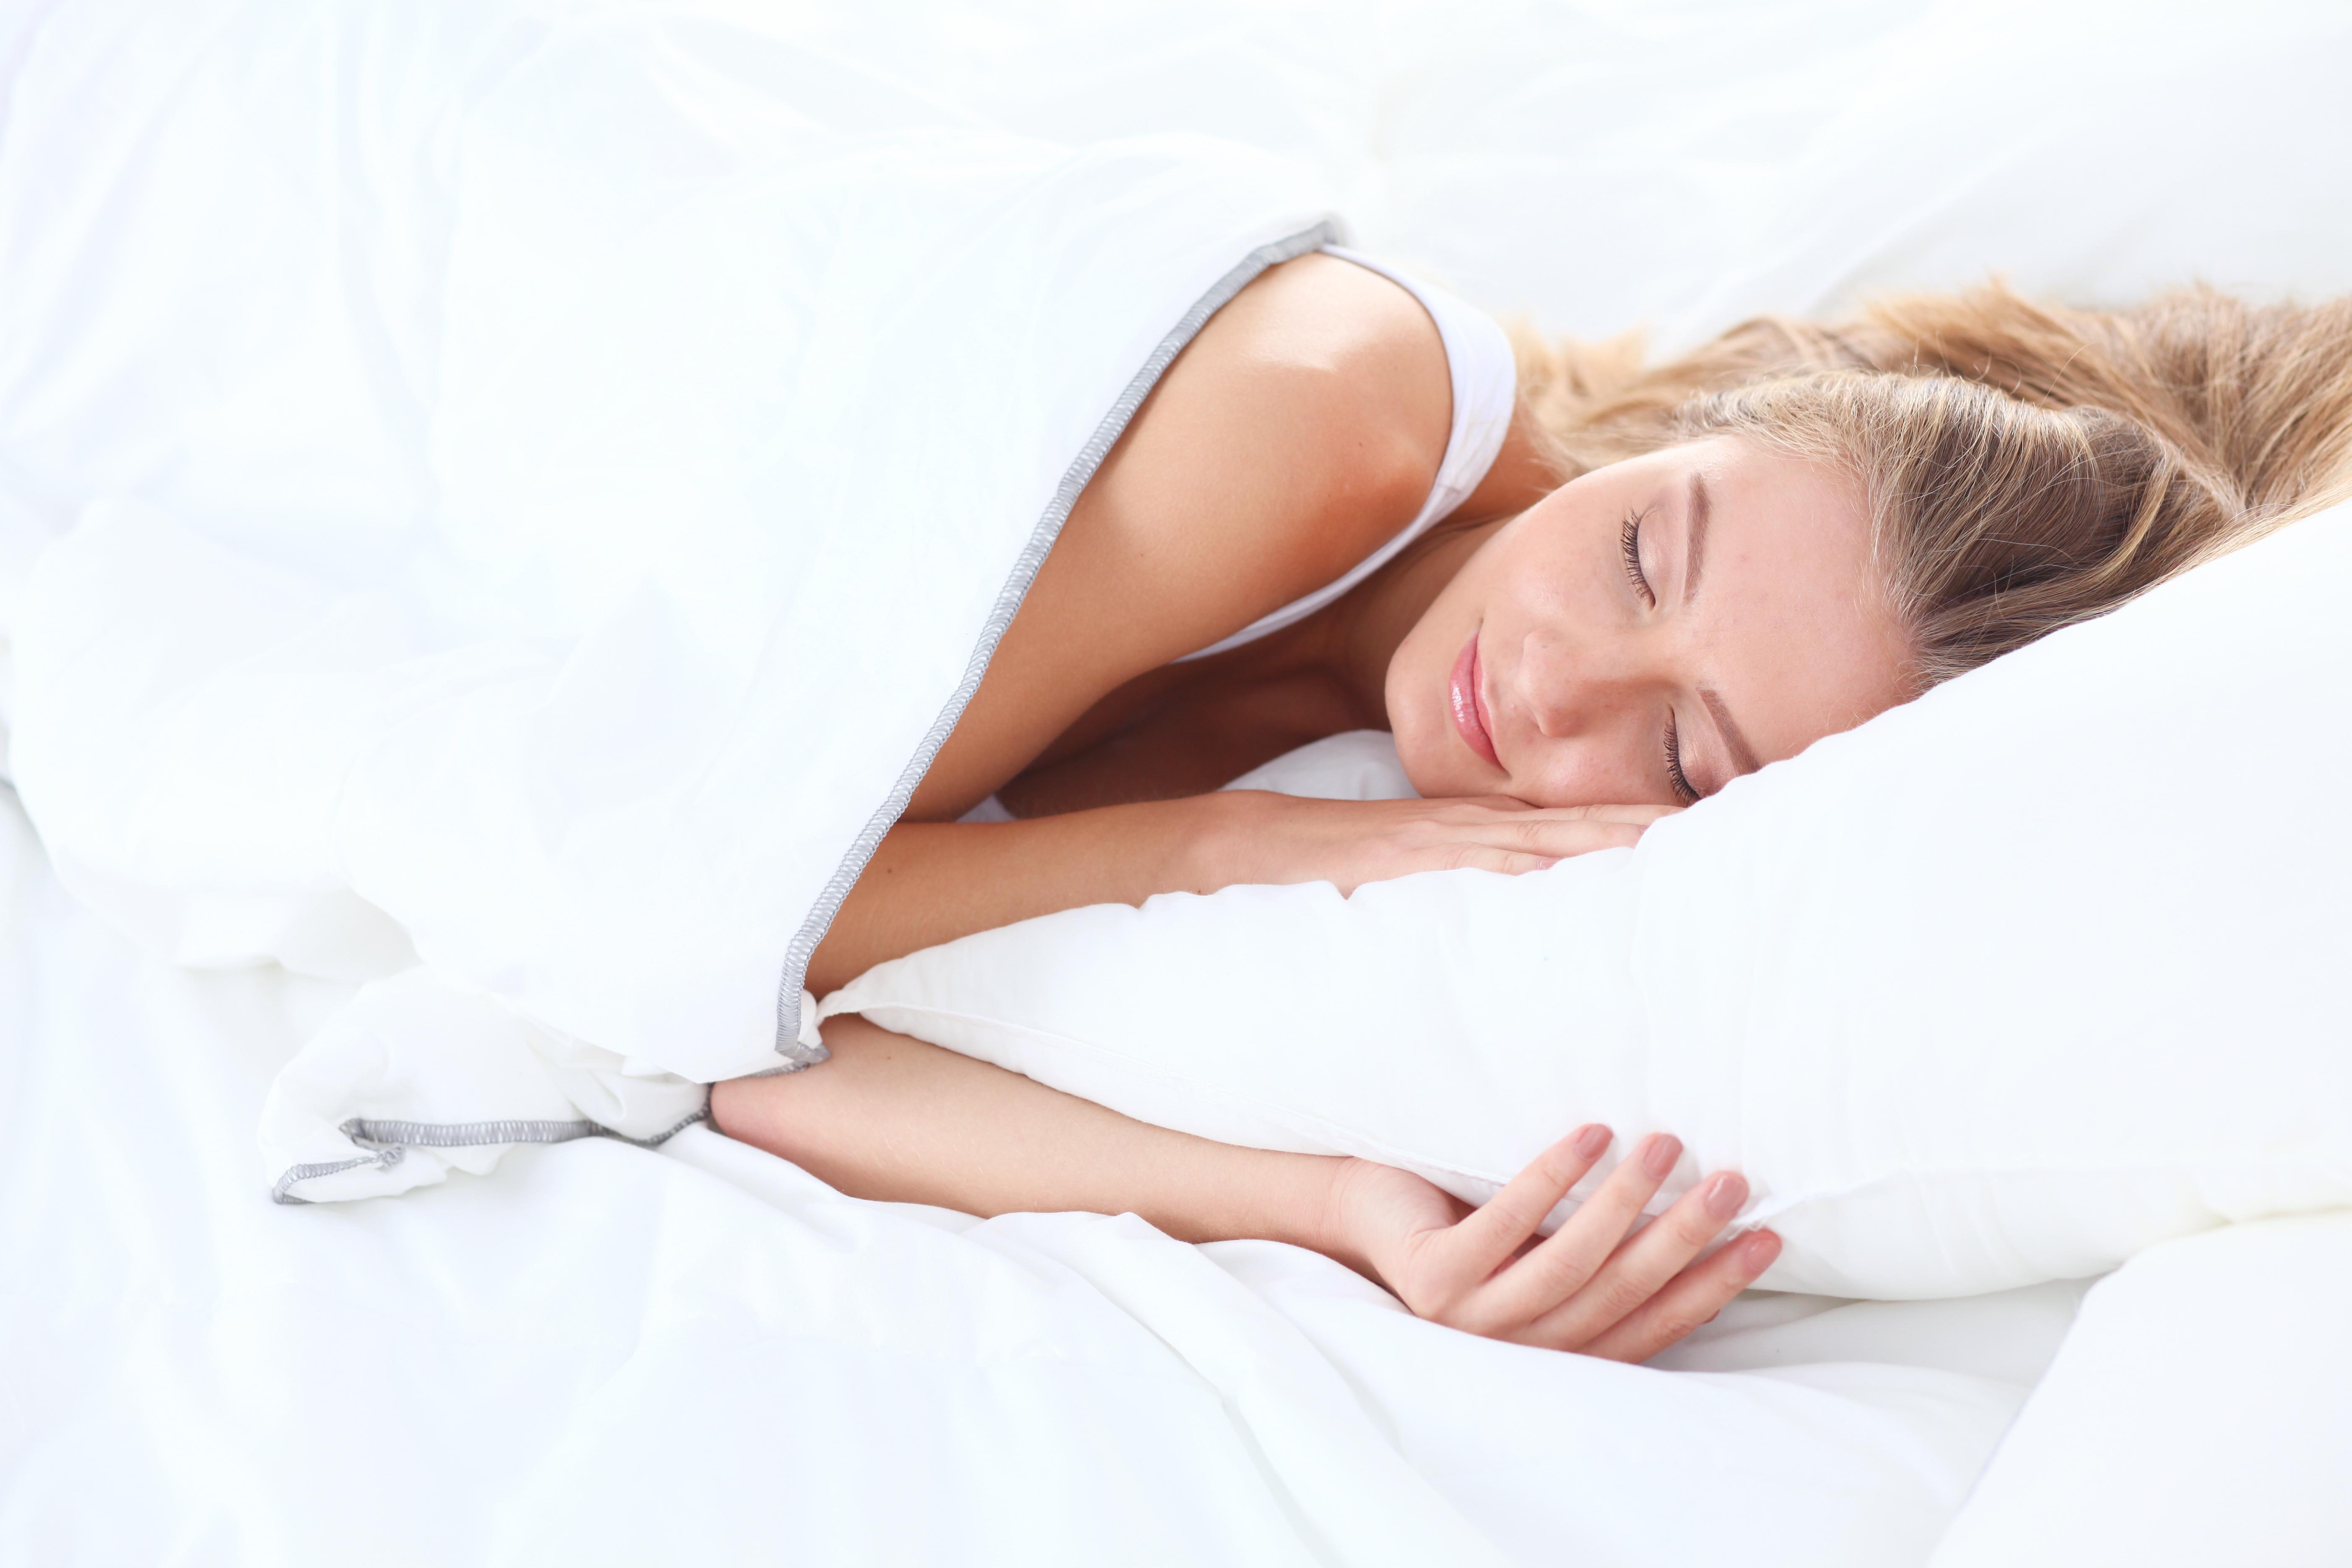 bonne nouvelle dormir est plus b n fique que faire du. Black Bedroom Furniture Sets. Home Design Ideas